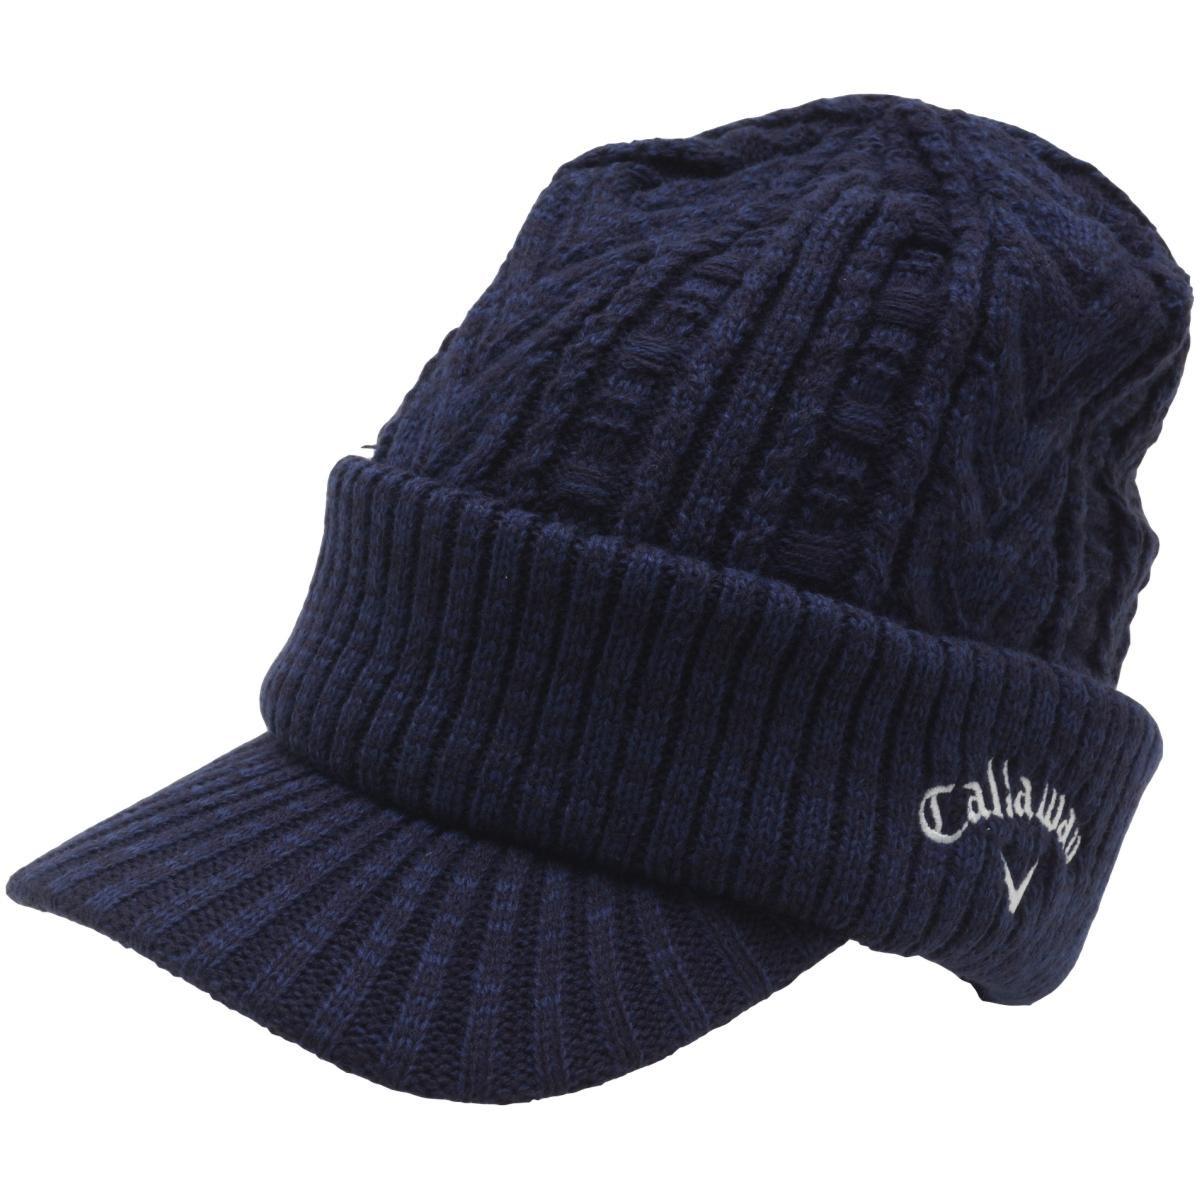 キャロウェイゴルフ Callaway Golf ケーブルニットキャップ JM フリー ネイビー 120